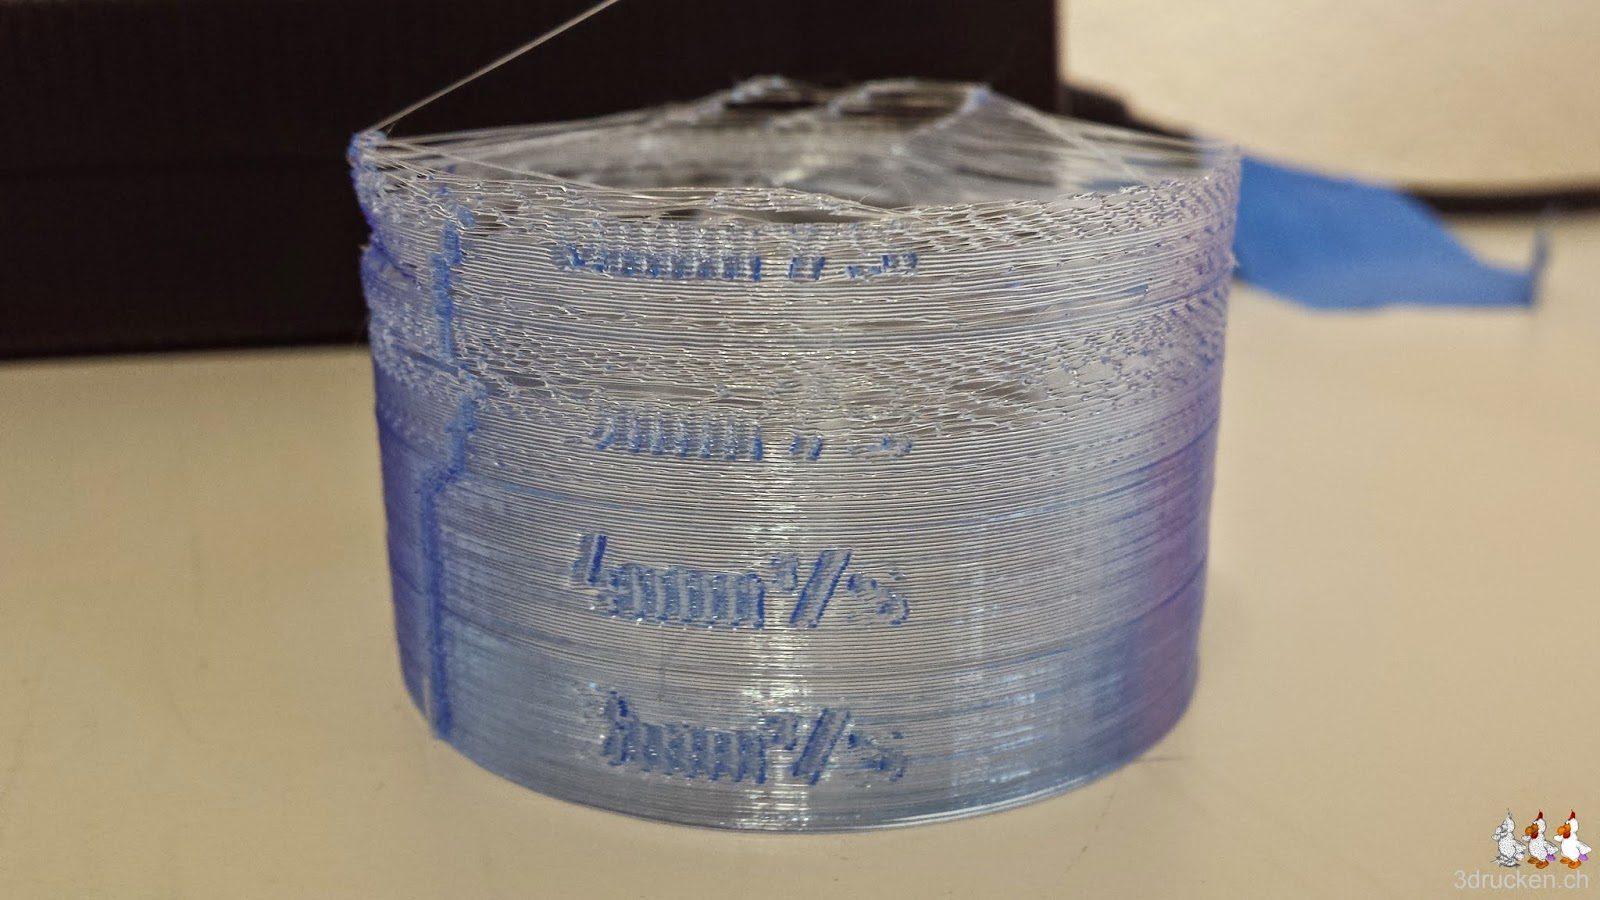 Foto des auf dem Ultimaker 2 unvollständig gedruckten Testzylinders aus blauem PLA von Swiss RepRap